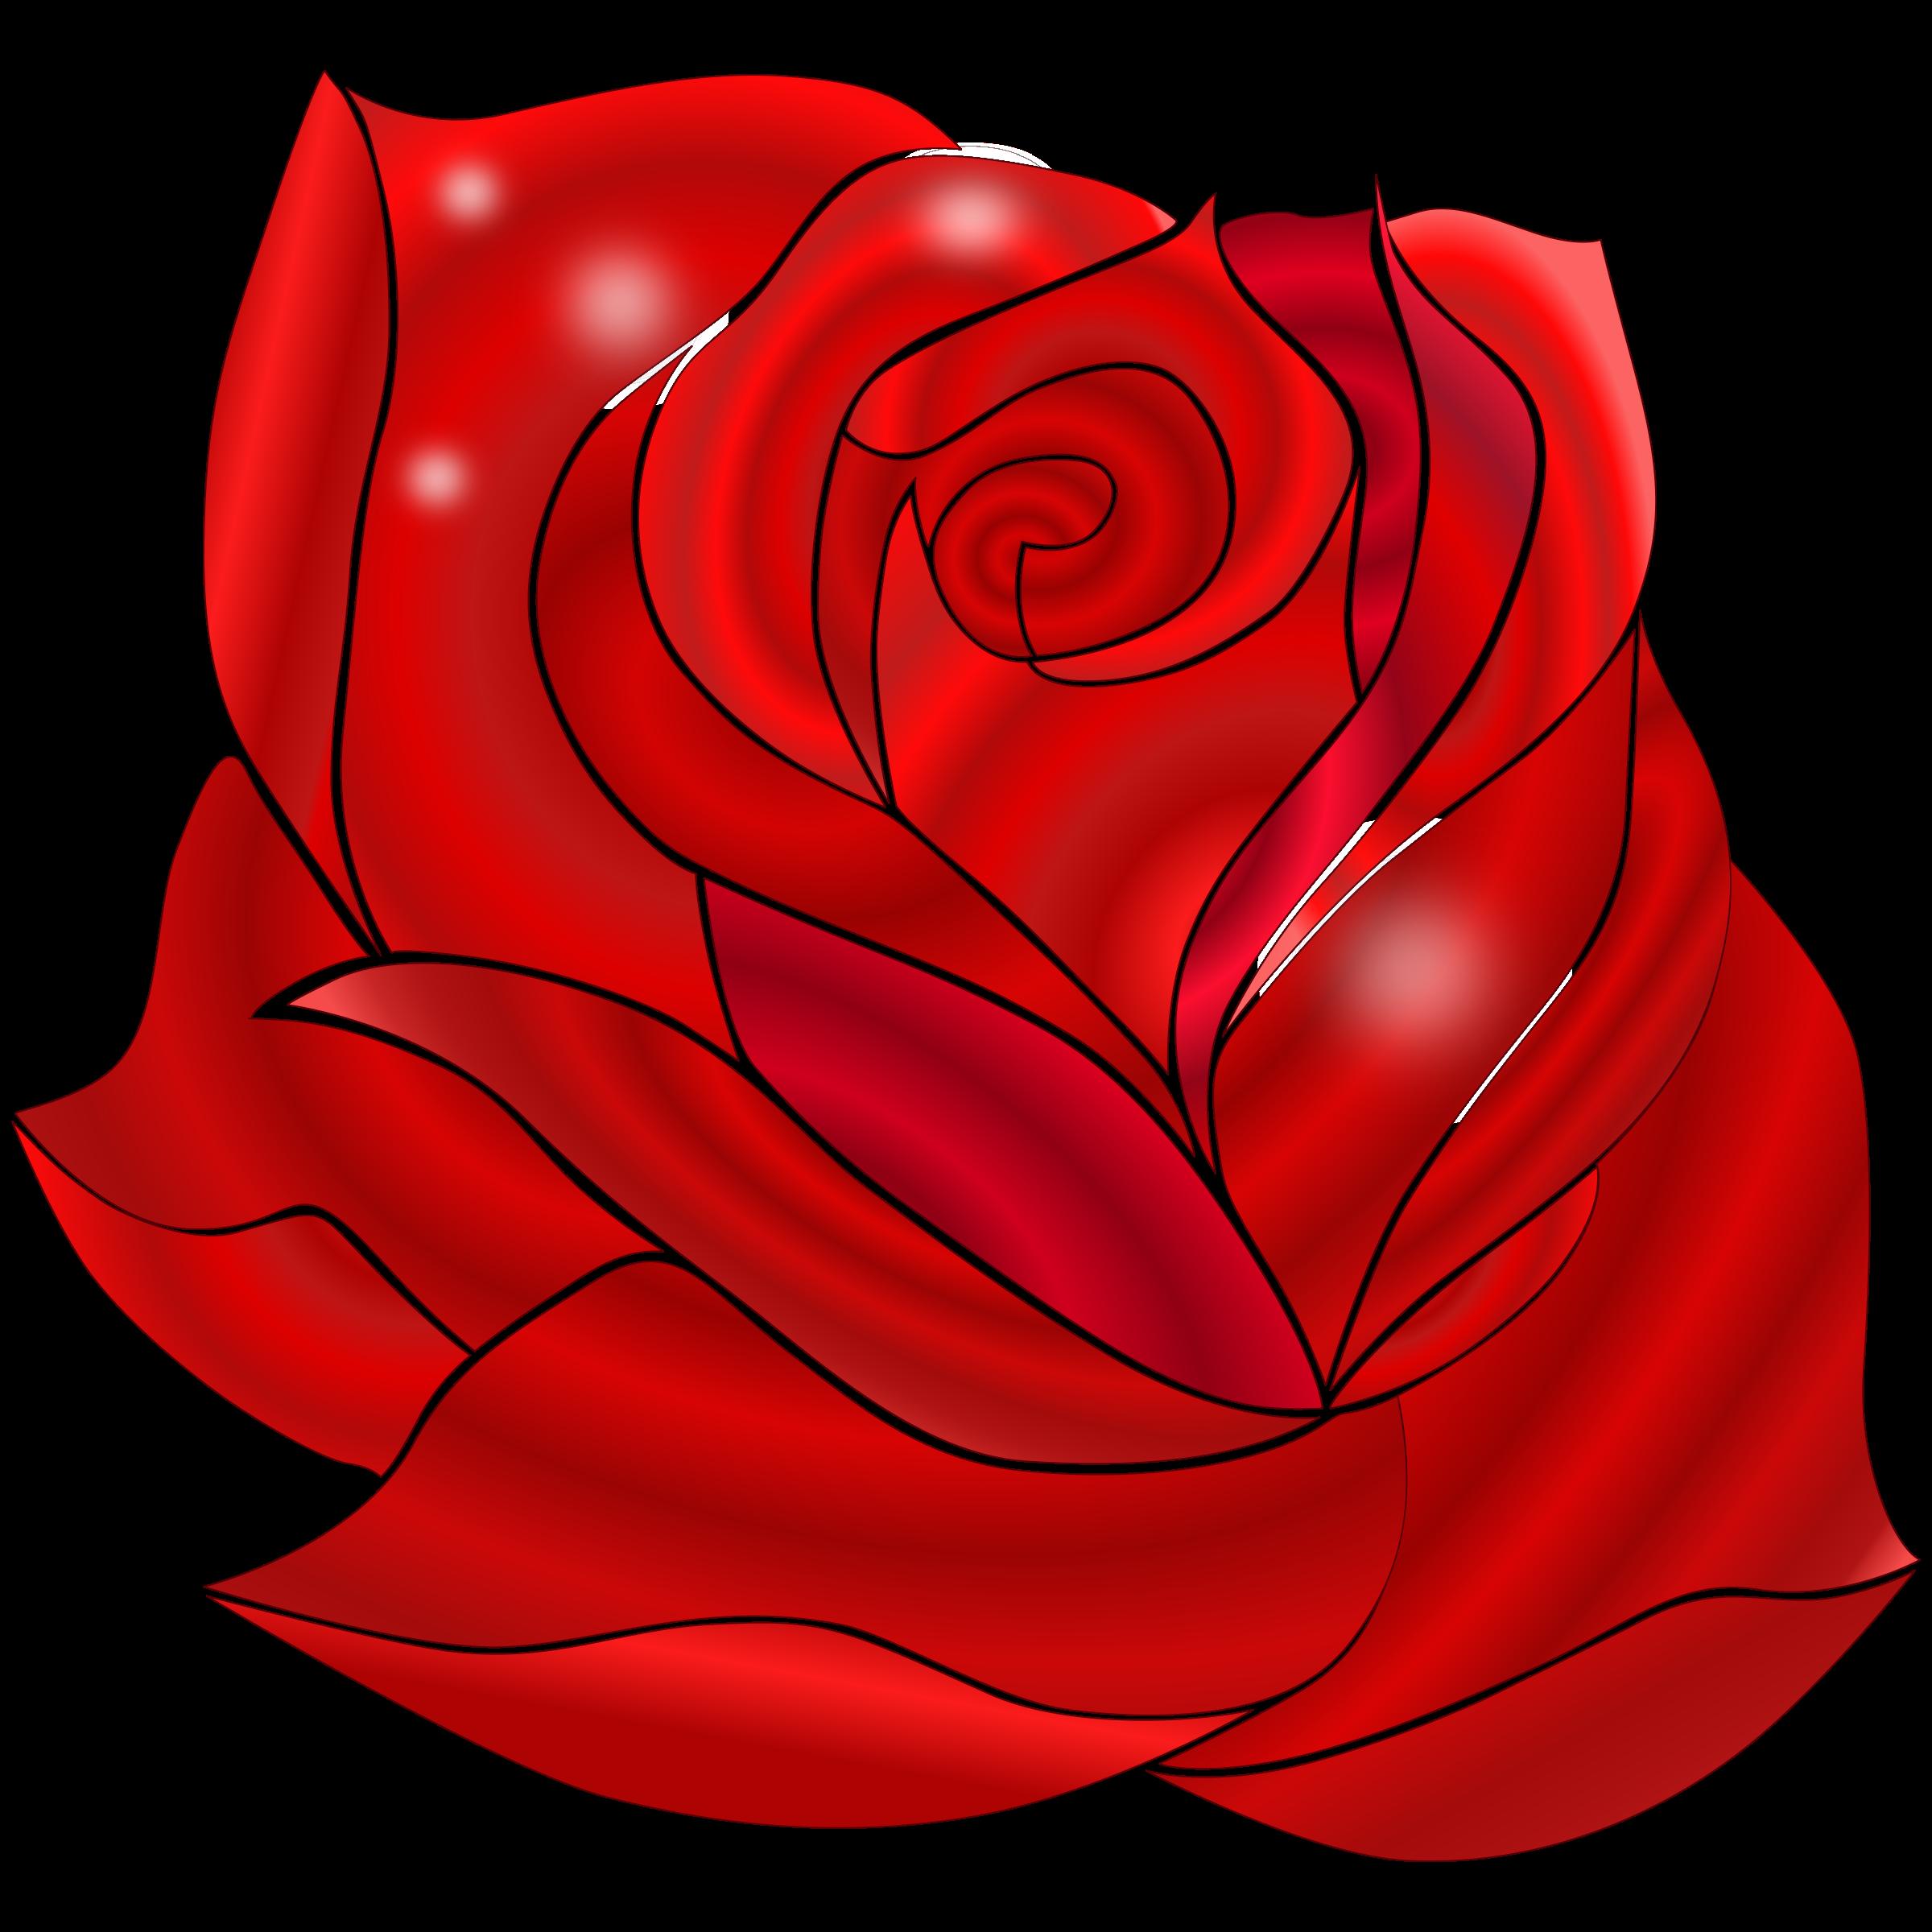 Clipart roses tea. Rosa rossa big image